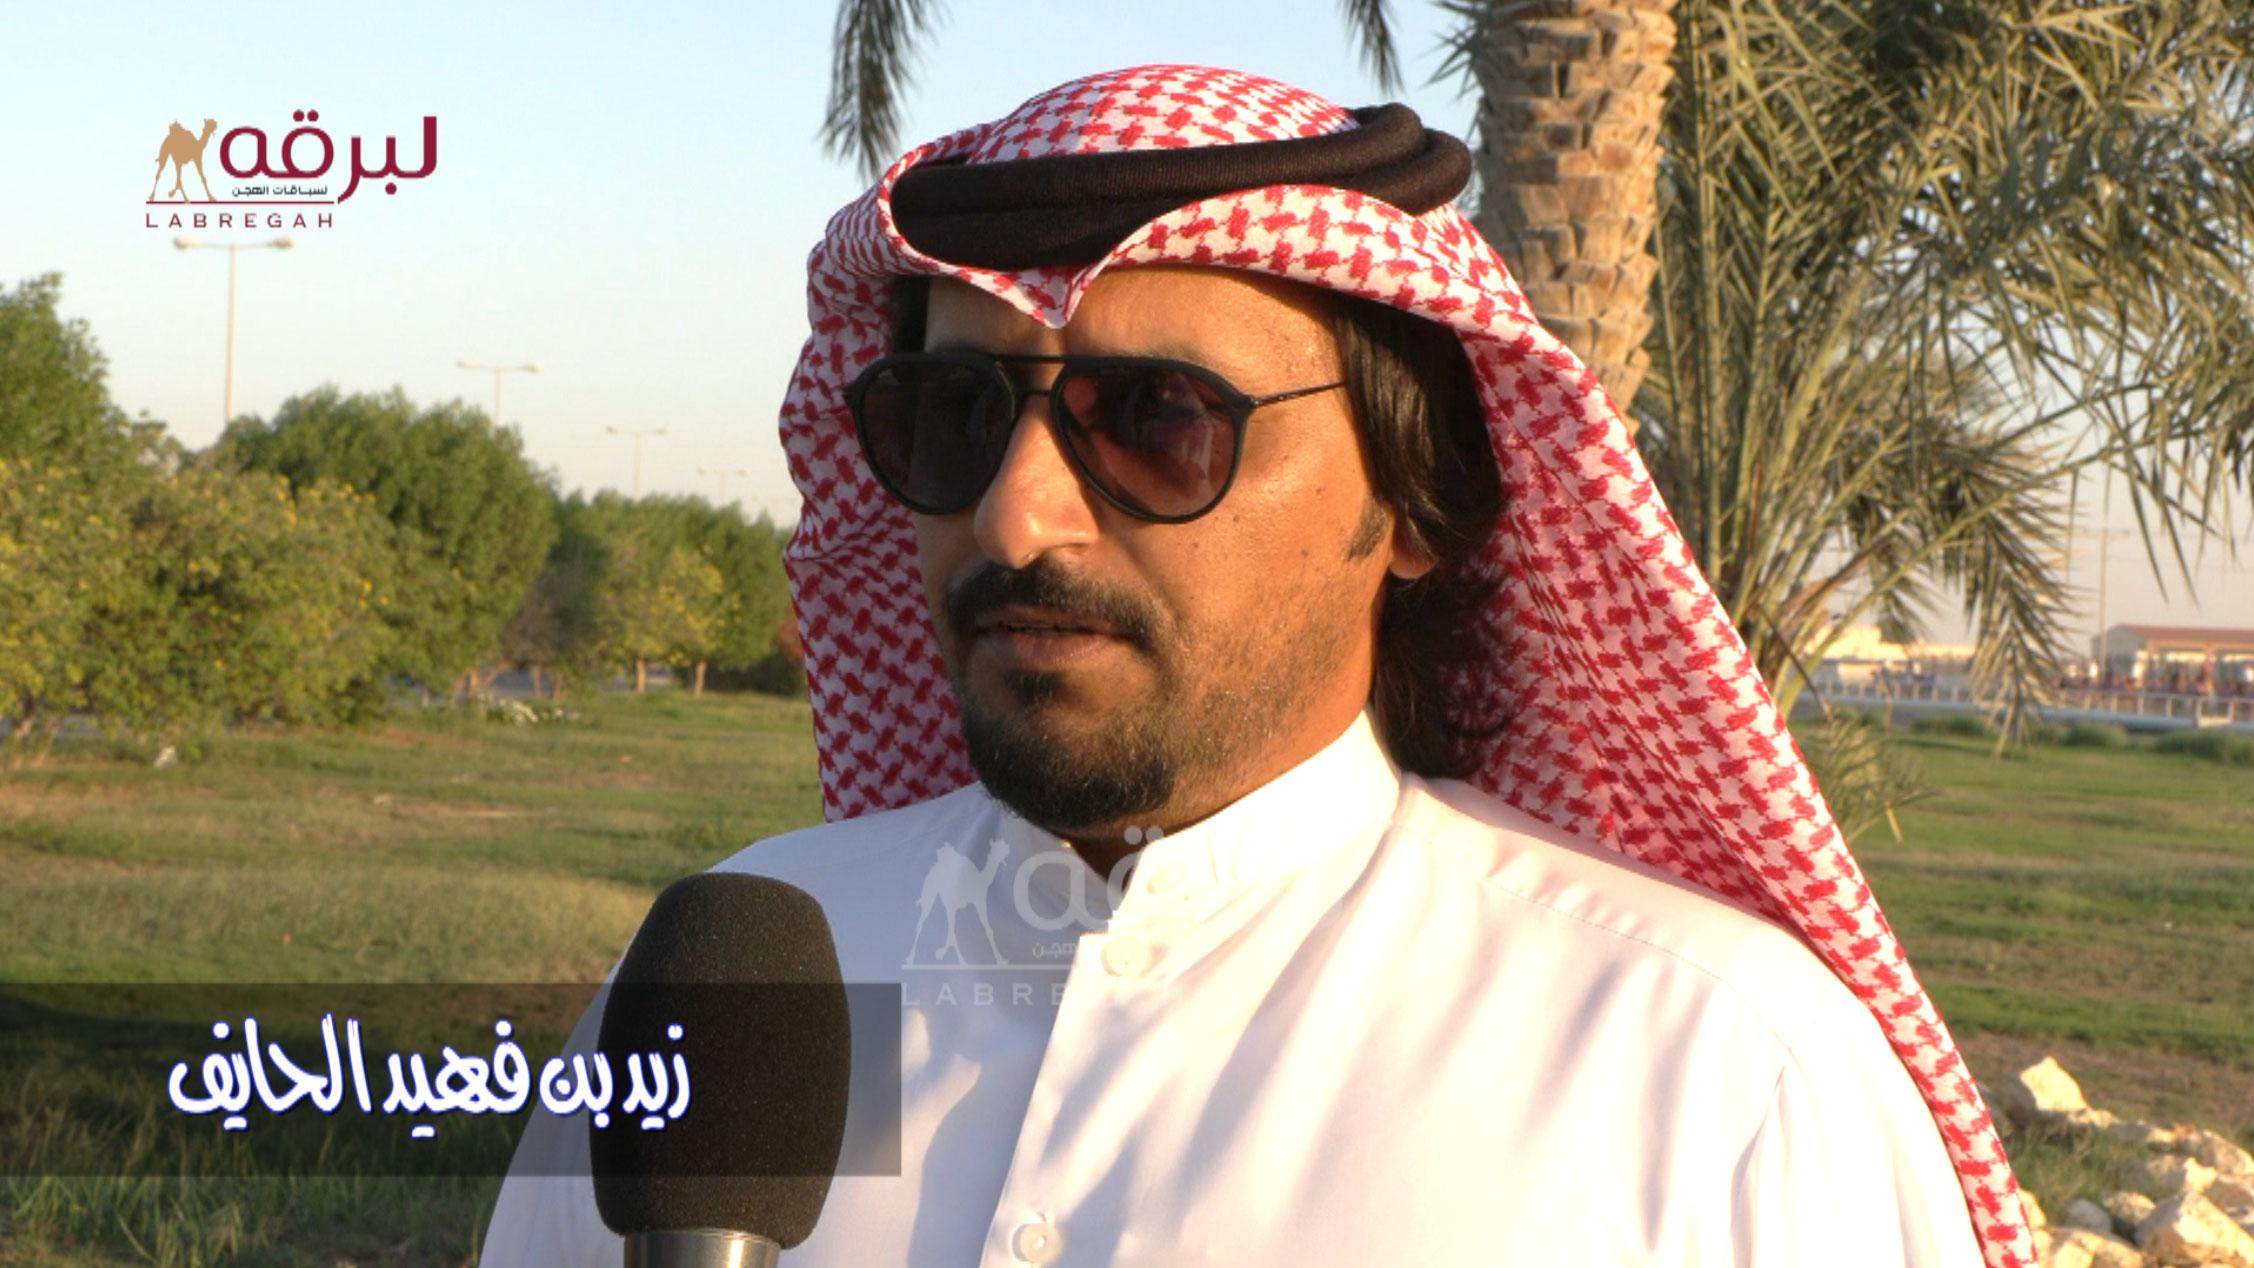 لقاء مع زيد بن فهيد الحايف.. الشوط الرئيسي للجذاع بكار (مفتوح) الأشواط العامة  ٢٣-١٠-٢٠٢١